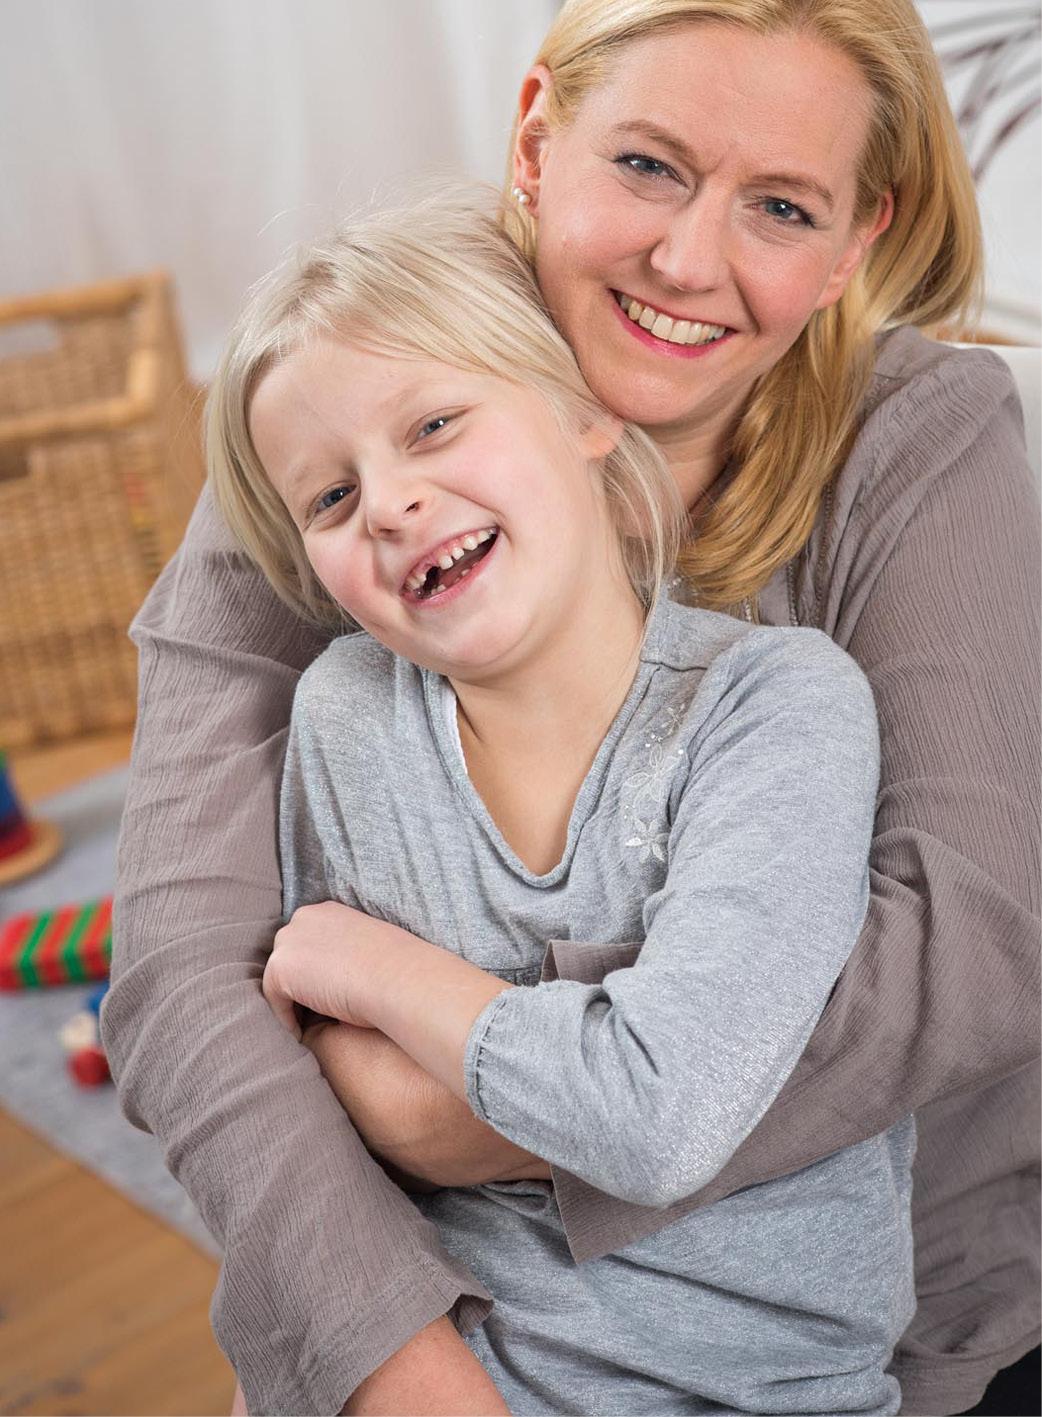 Lachende Mutter mit Tochter im Arm